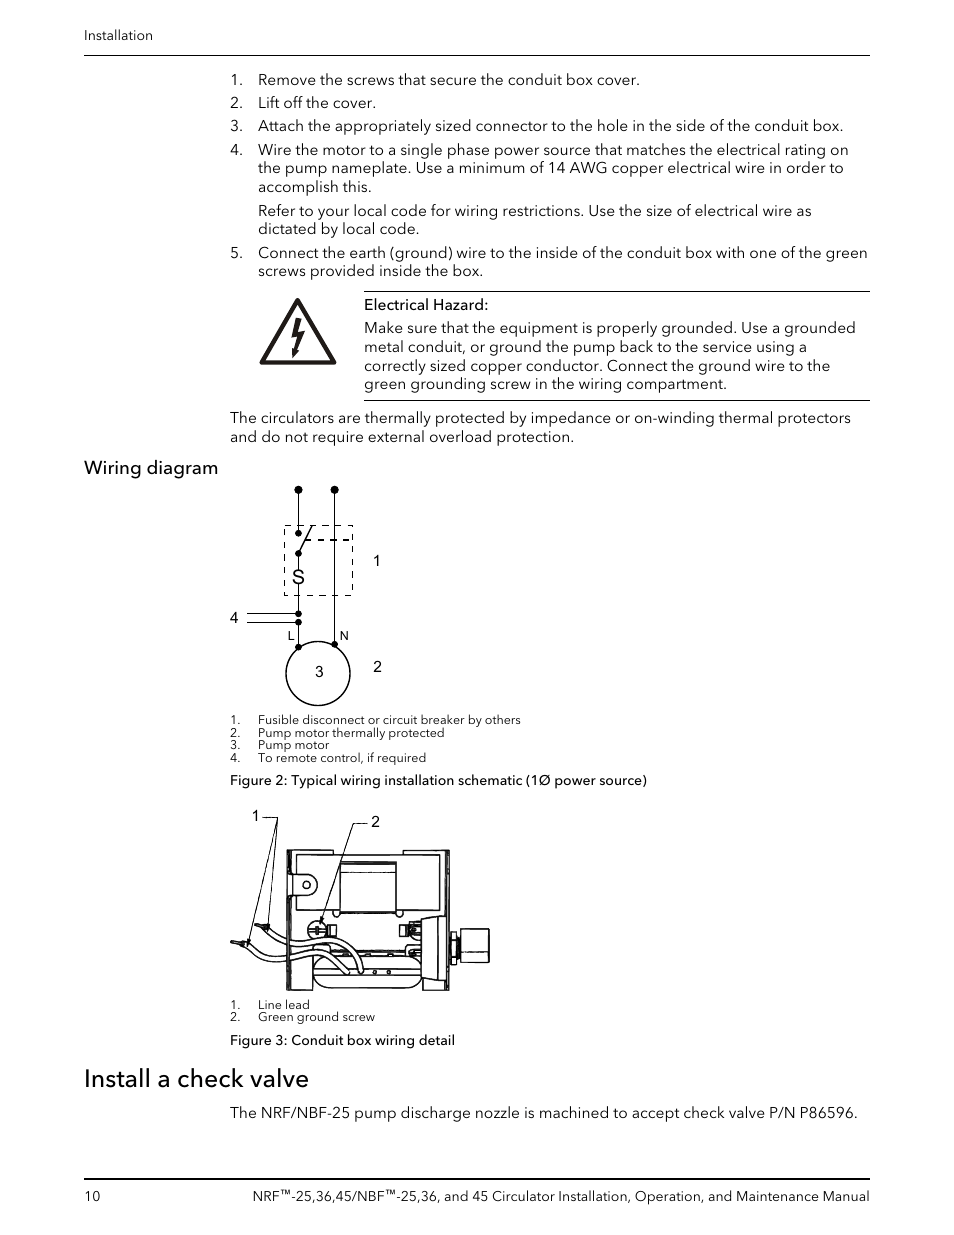 medium resolution of wiring diagram install a check valve bell gossett p86203f nbf 45 circulator user